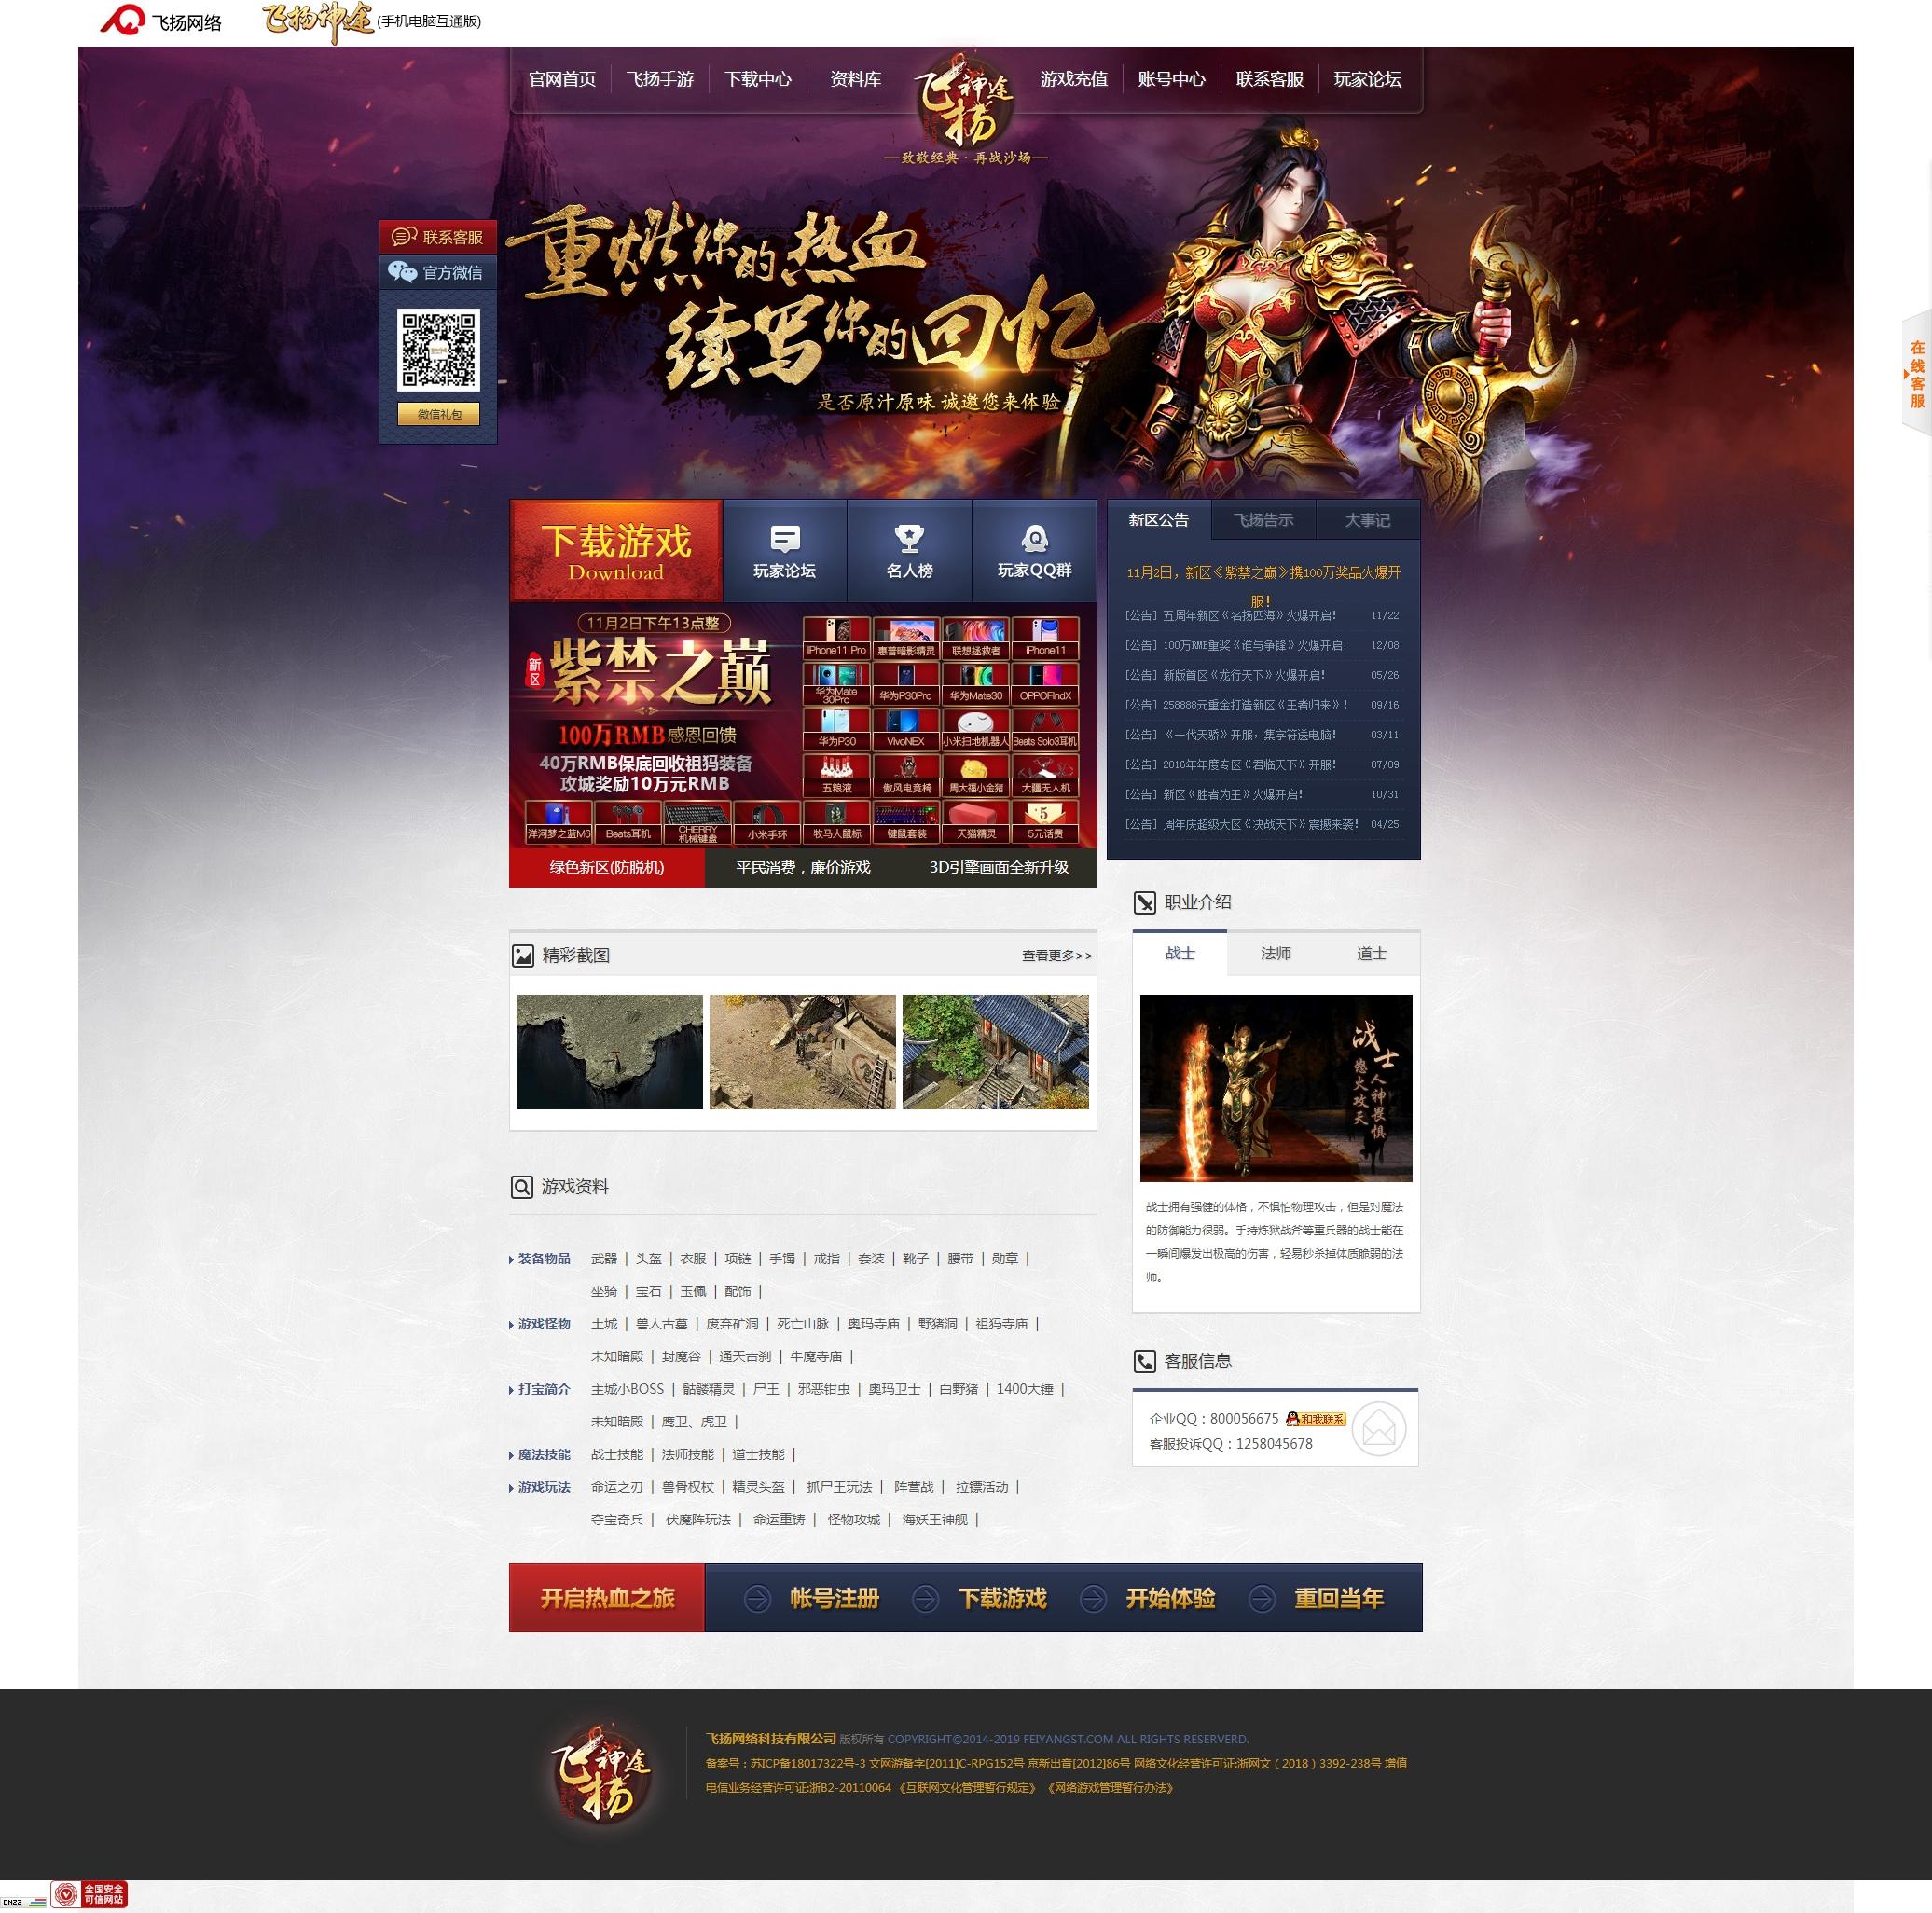 飞扬神途网站 游戏网模版PHP传奇源码 带手机端飞扬神途网站 游戏网模版PHP传奇源码 带手机端